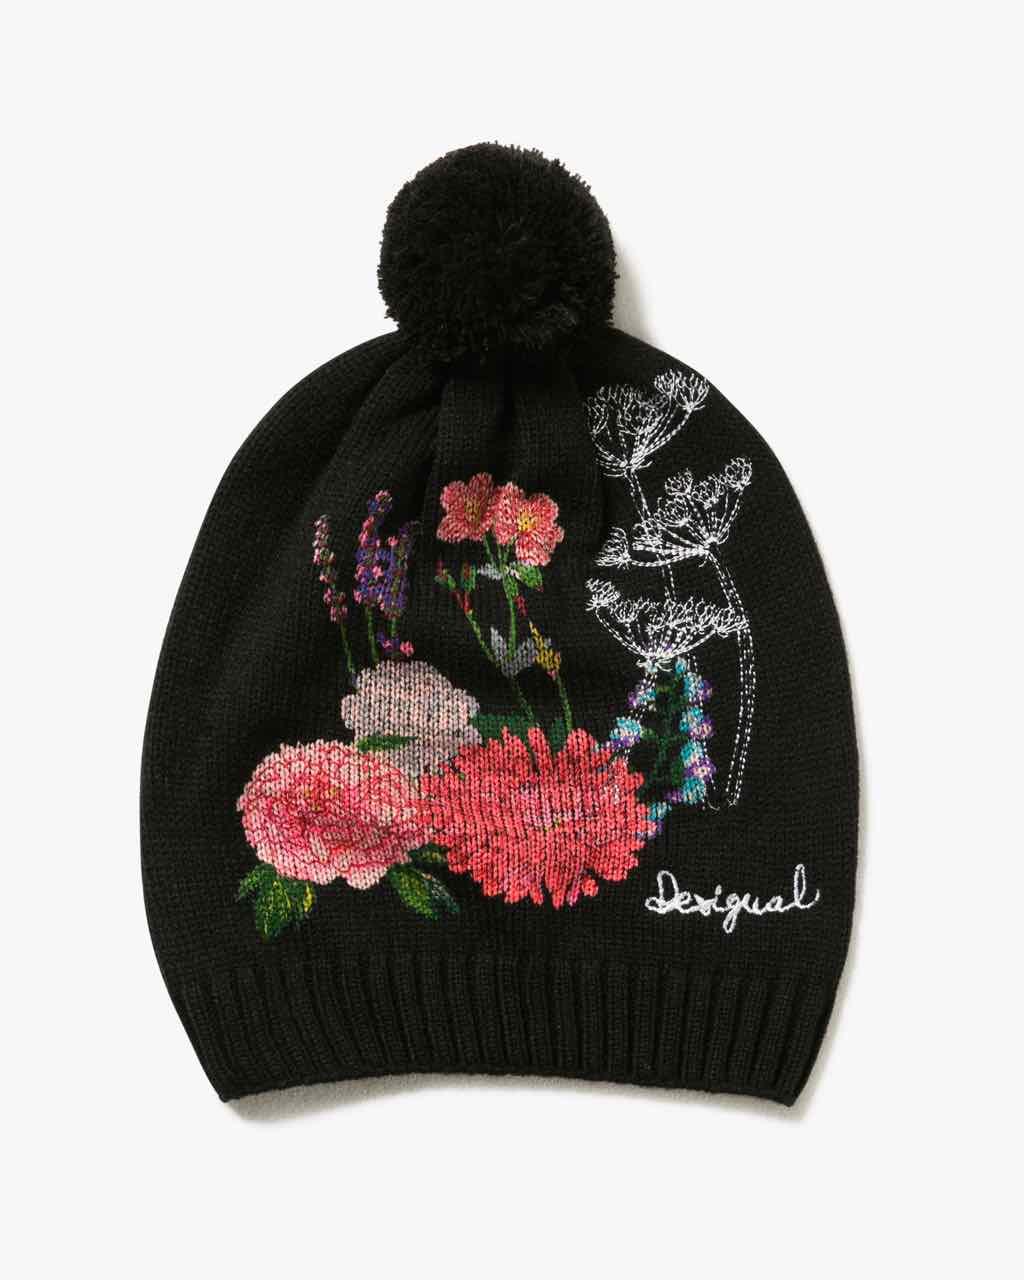 17WAHK02_2000 Desigual Hat Botanic Buy Online